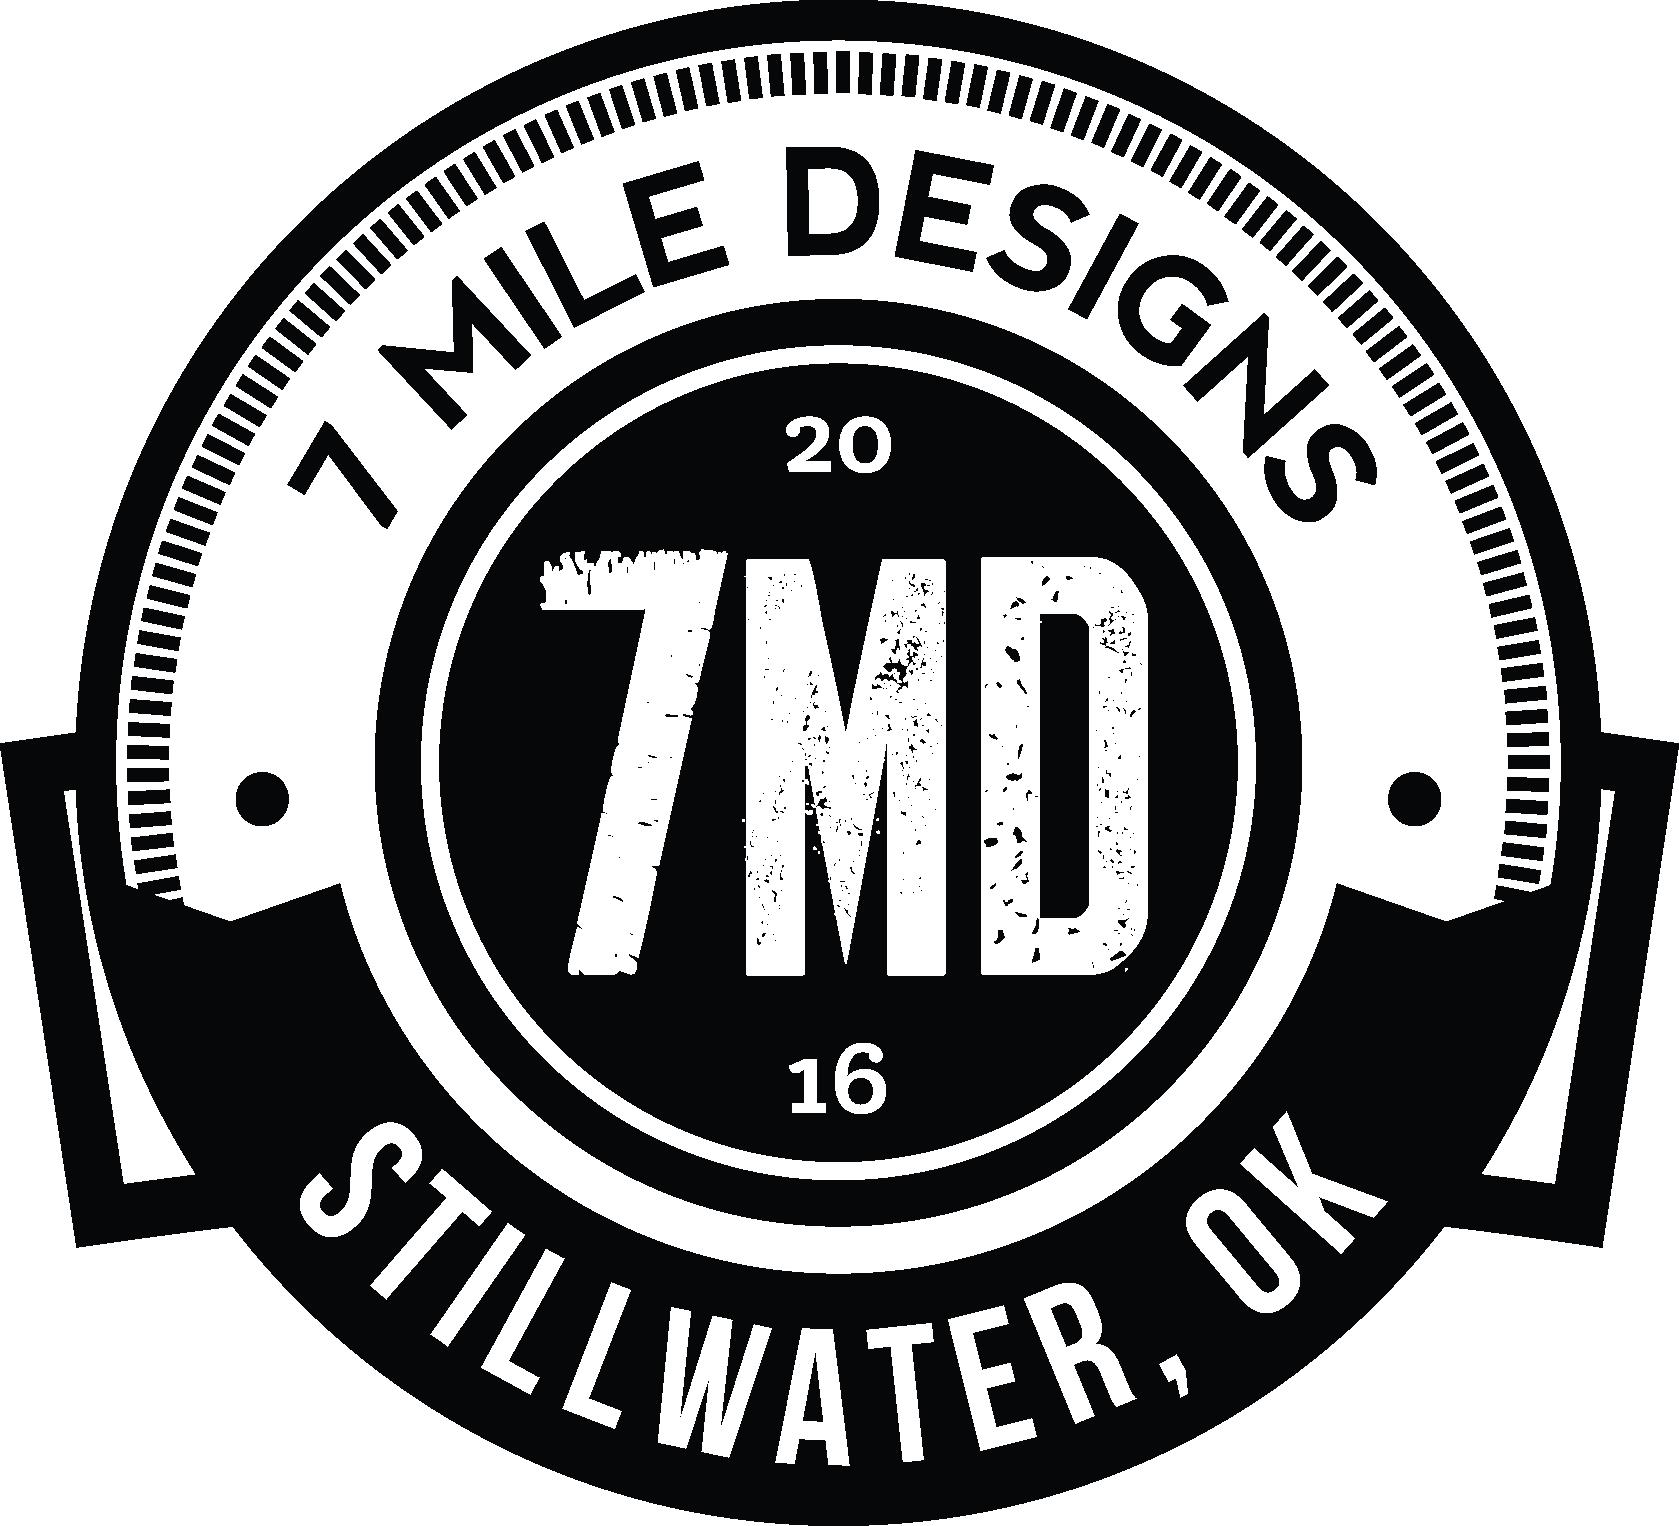 7 Mile Designs